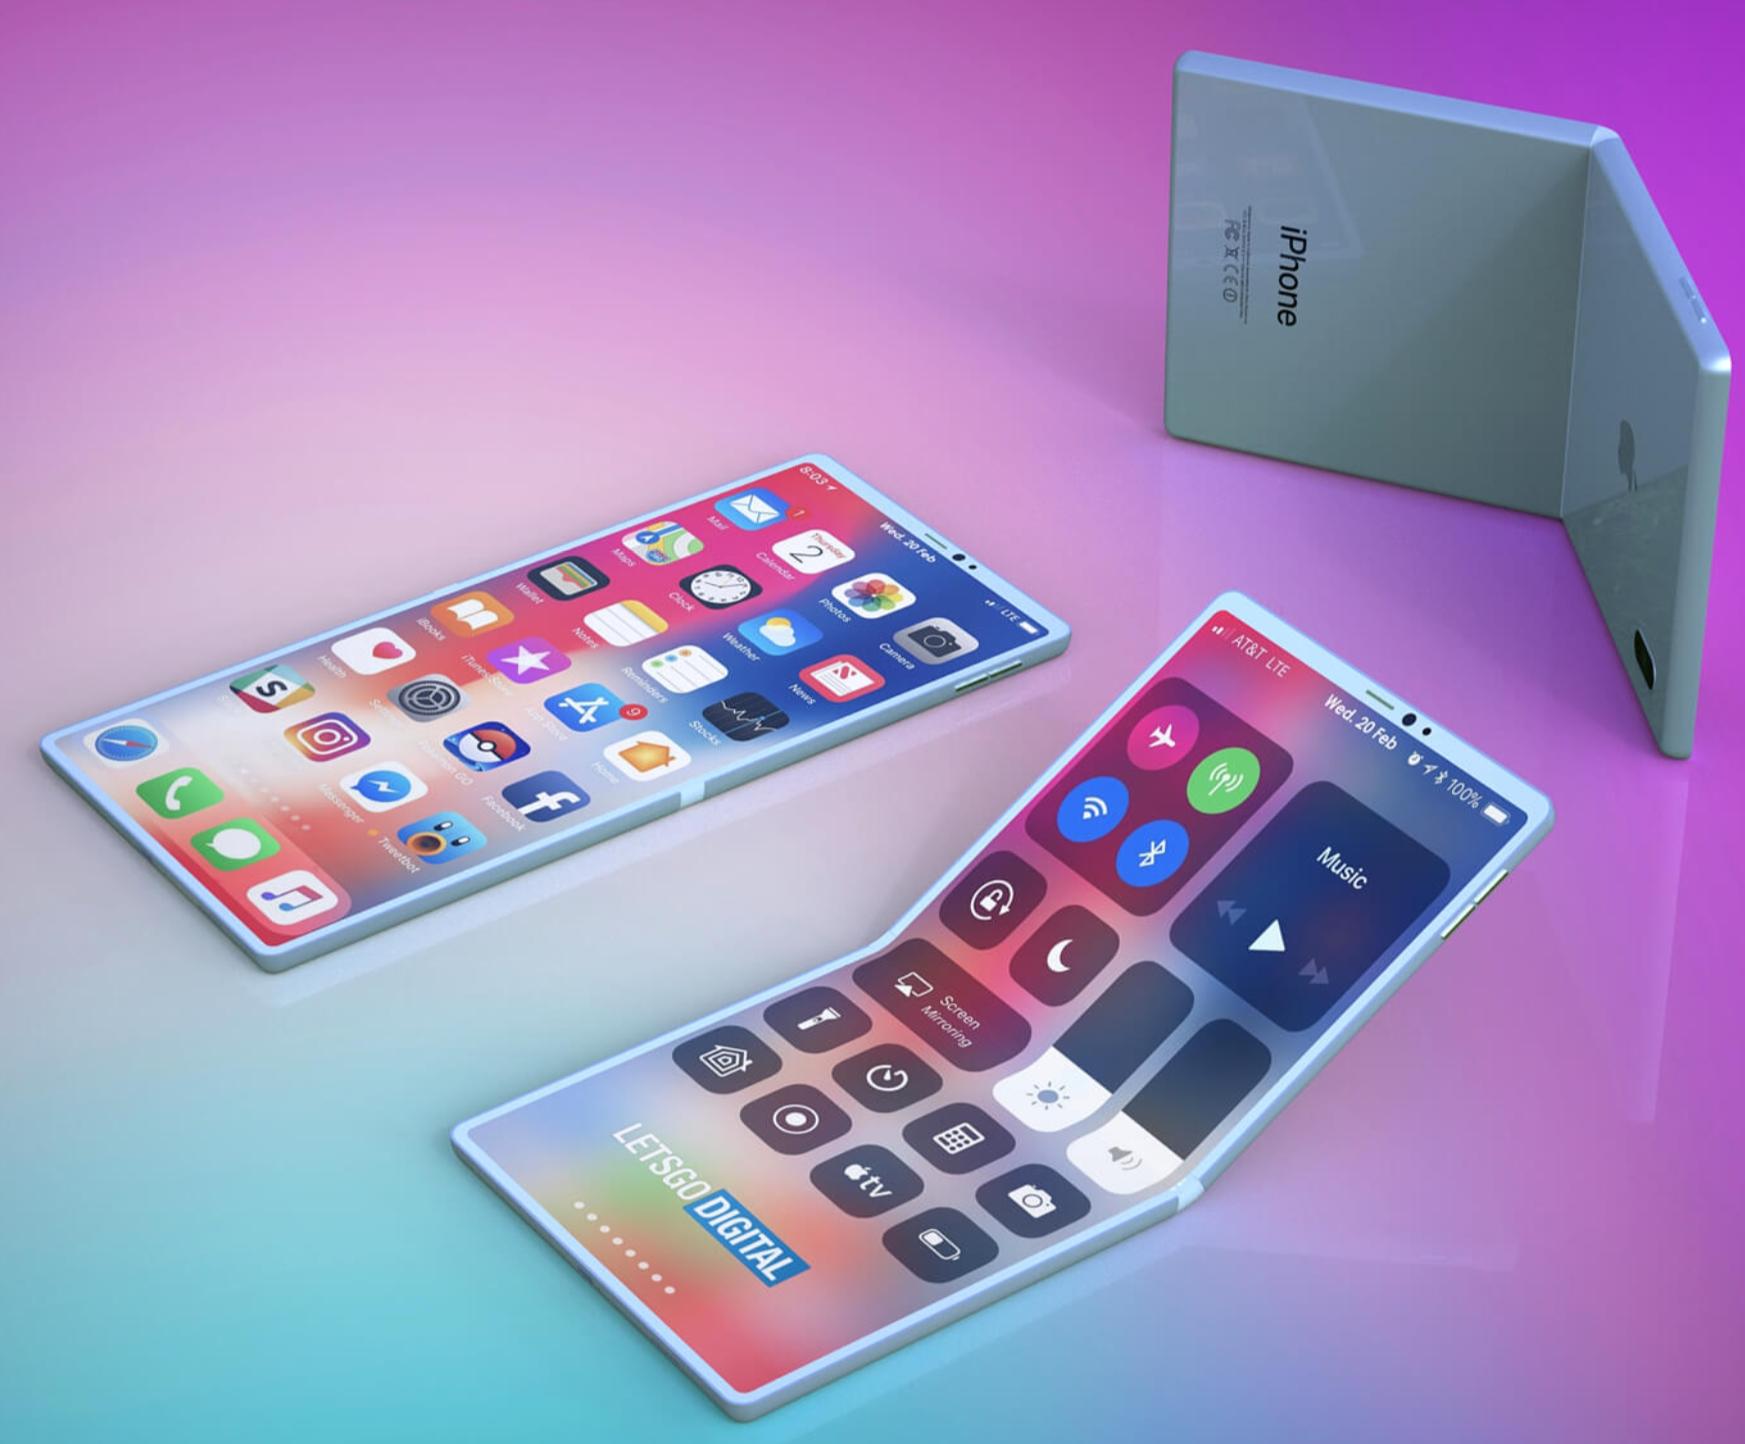 Hvor mange år tror en slik iPhone er unna markedet? Apple blir neppe først med et slikt design, akkurat som de ikke blir først med 5G.